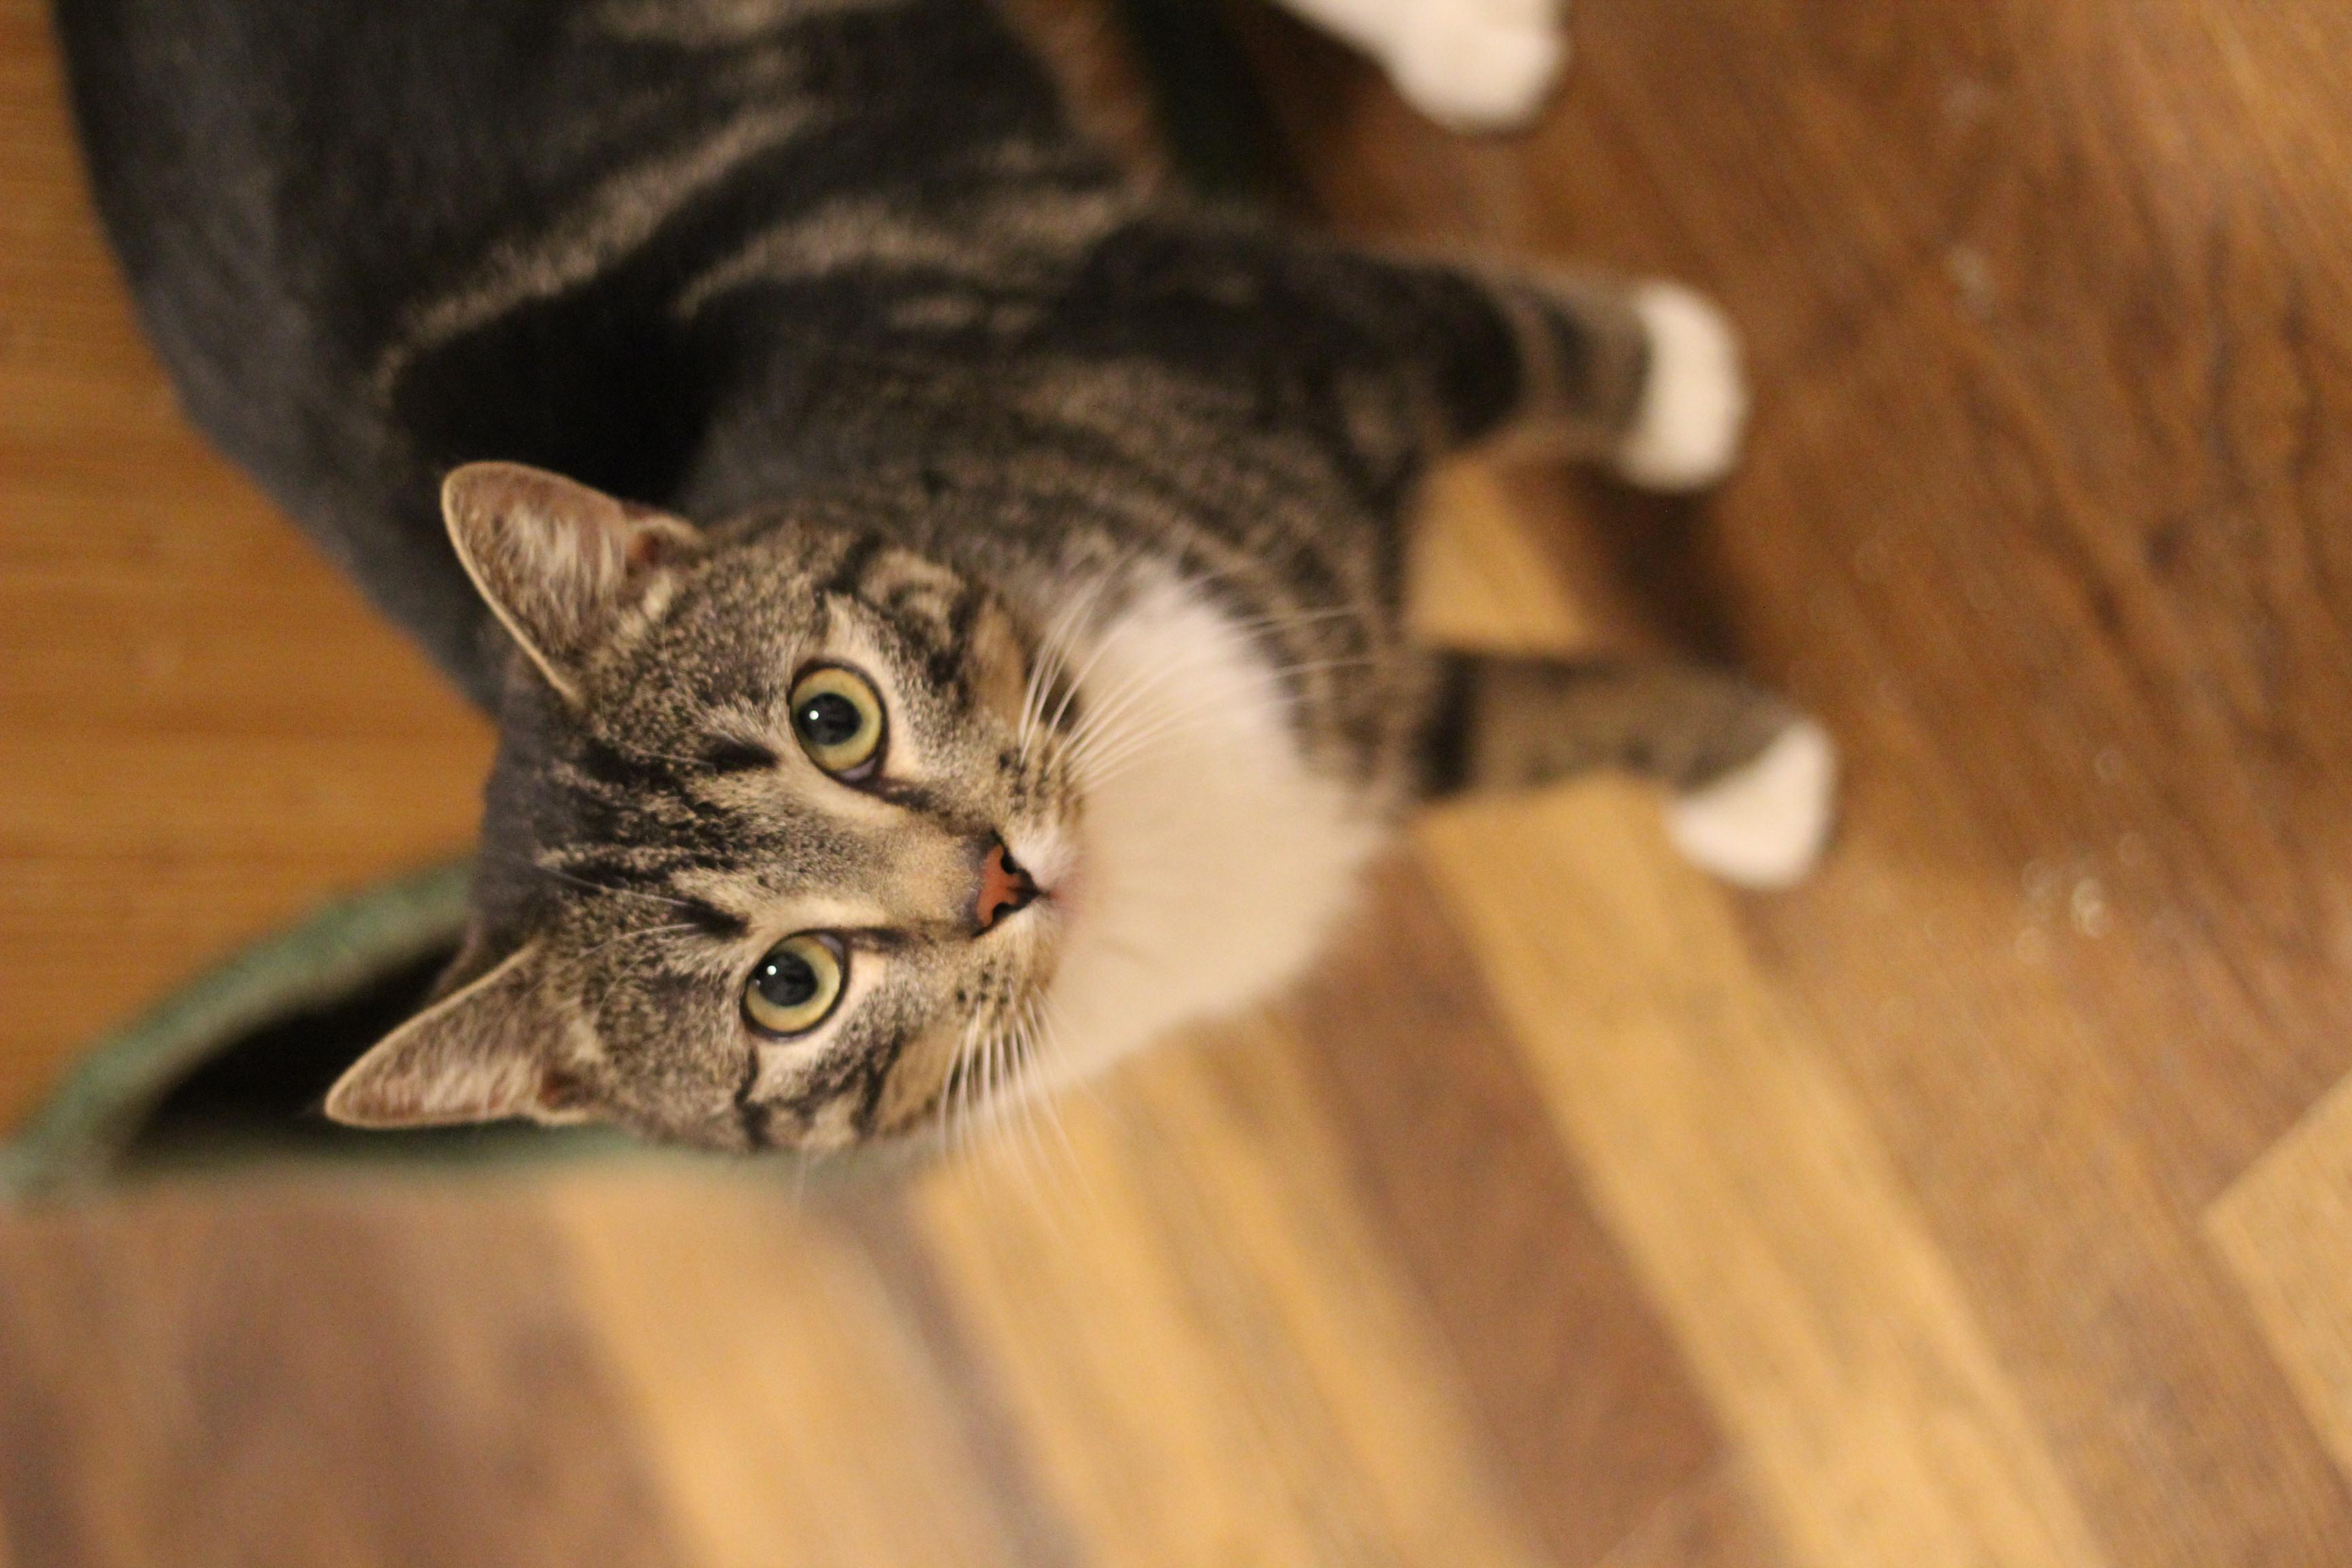 Ollie er en super dejlig hankat på 1 år - han er super kælen men skal bo i et roligtroligt roligt hjem